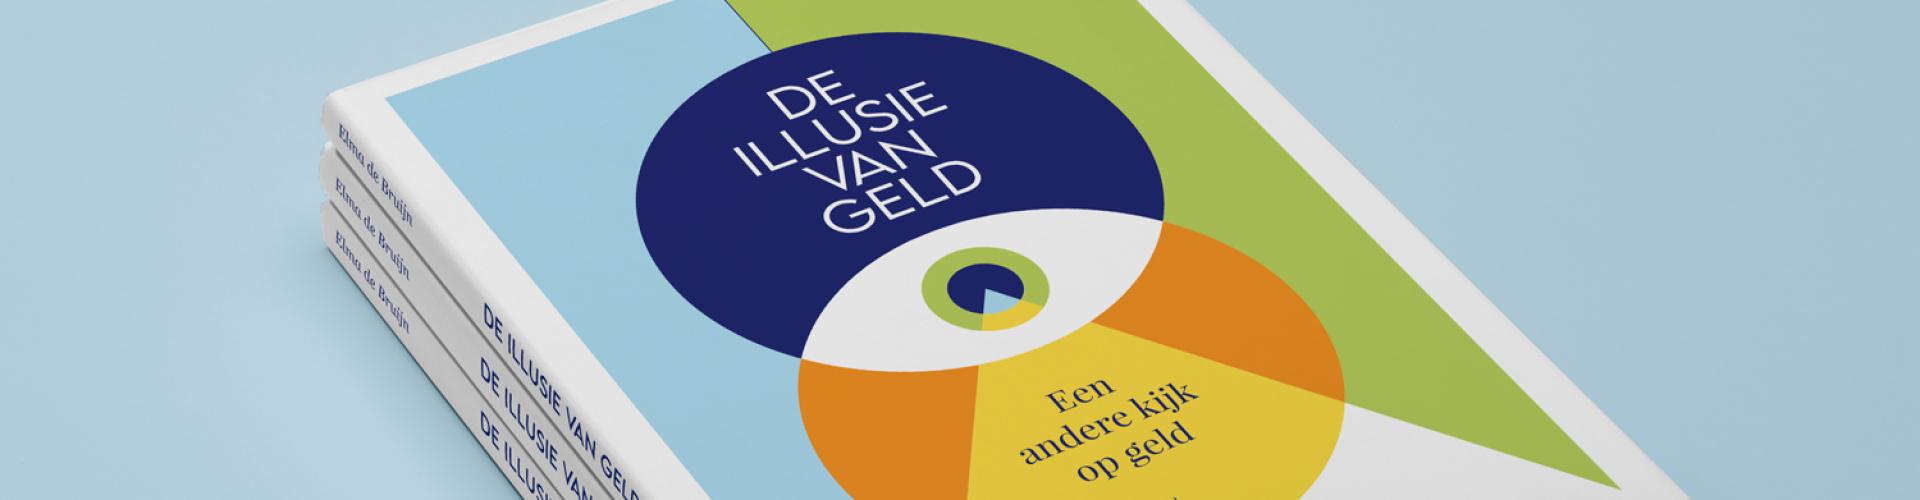 Boek De illusie van geld, auteur Elma de Bruijn, visionair boekhouder